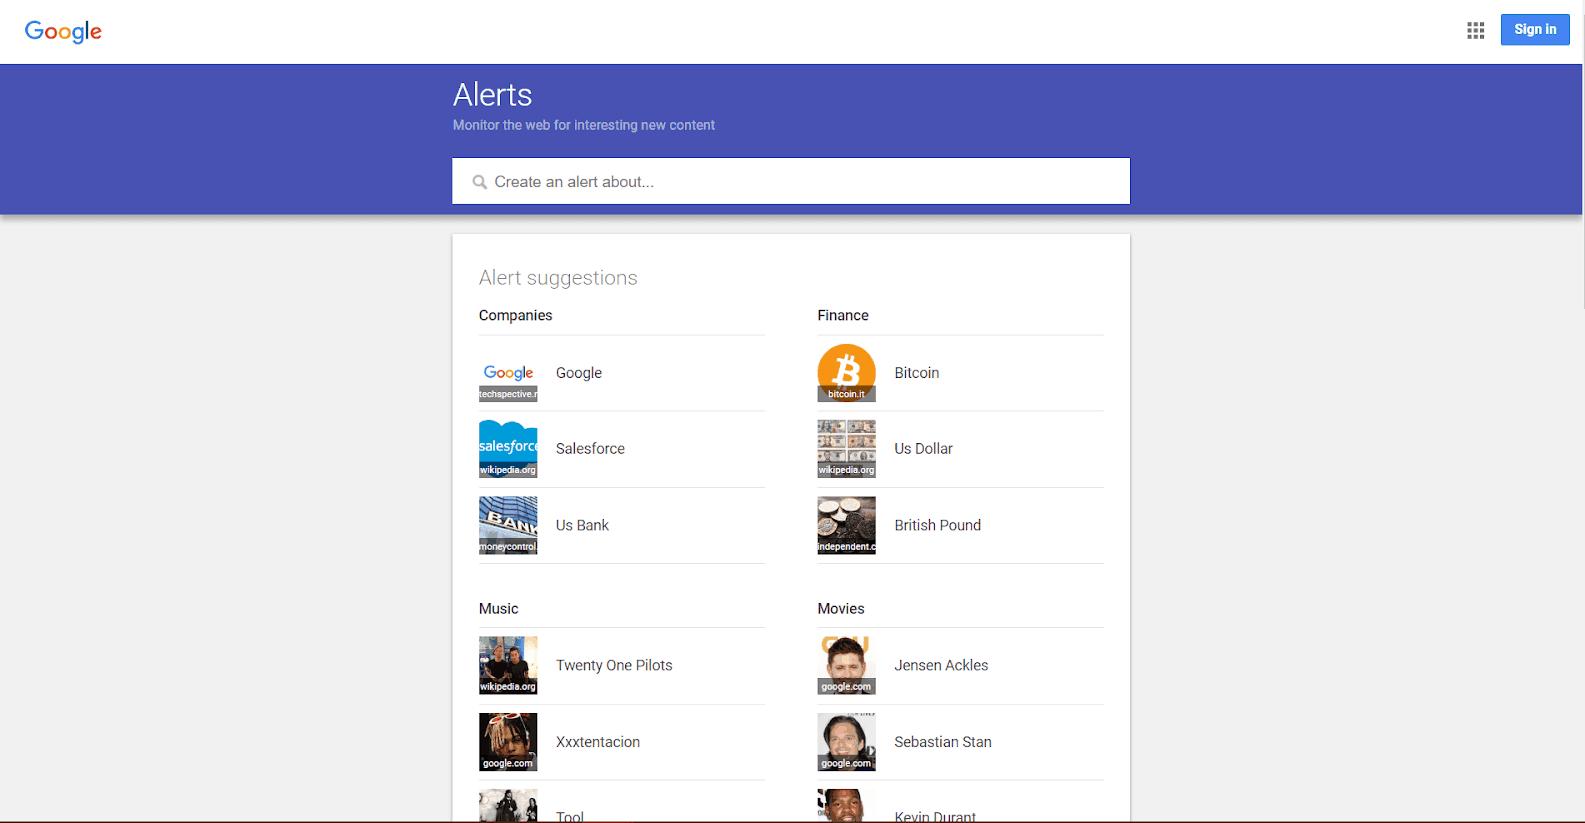 Google Alerts Tools